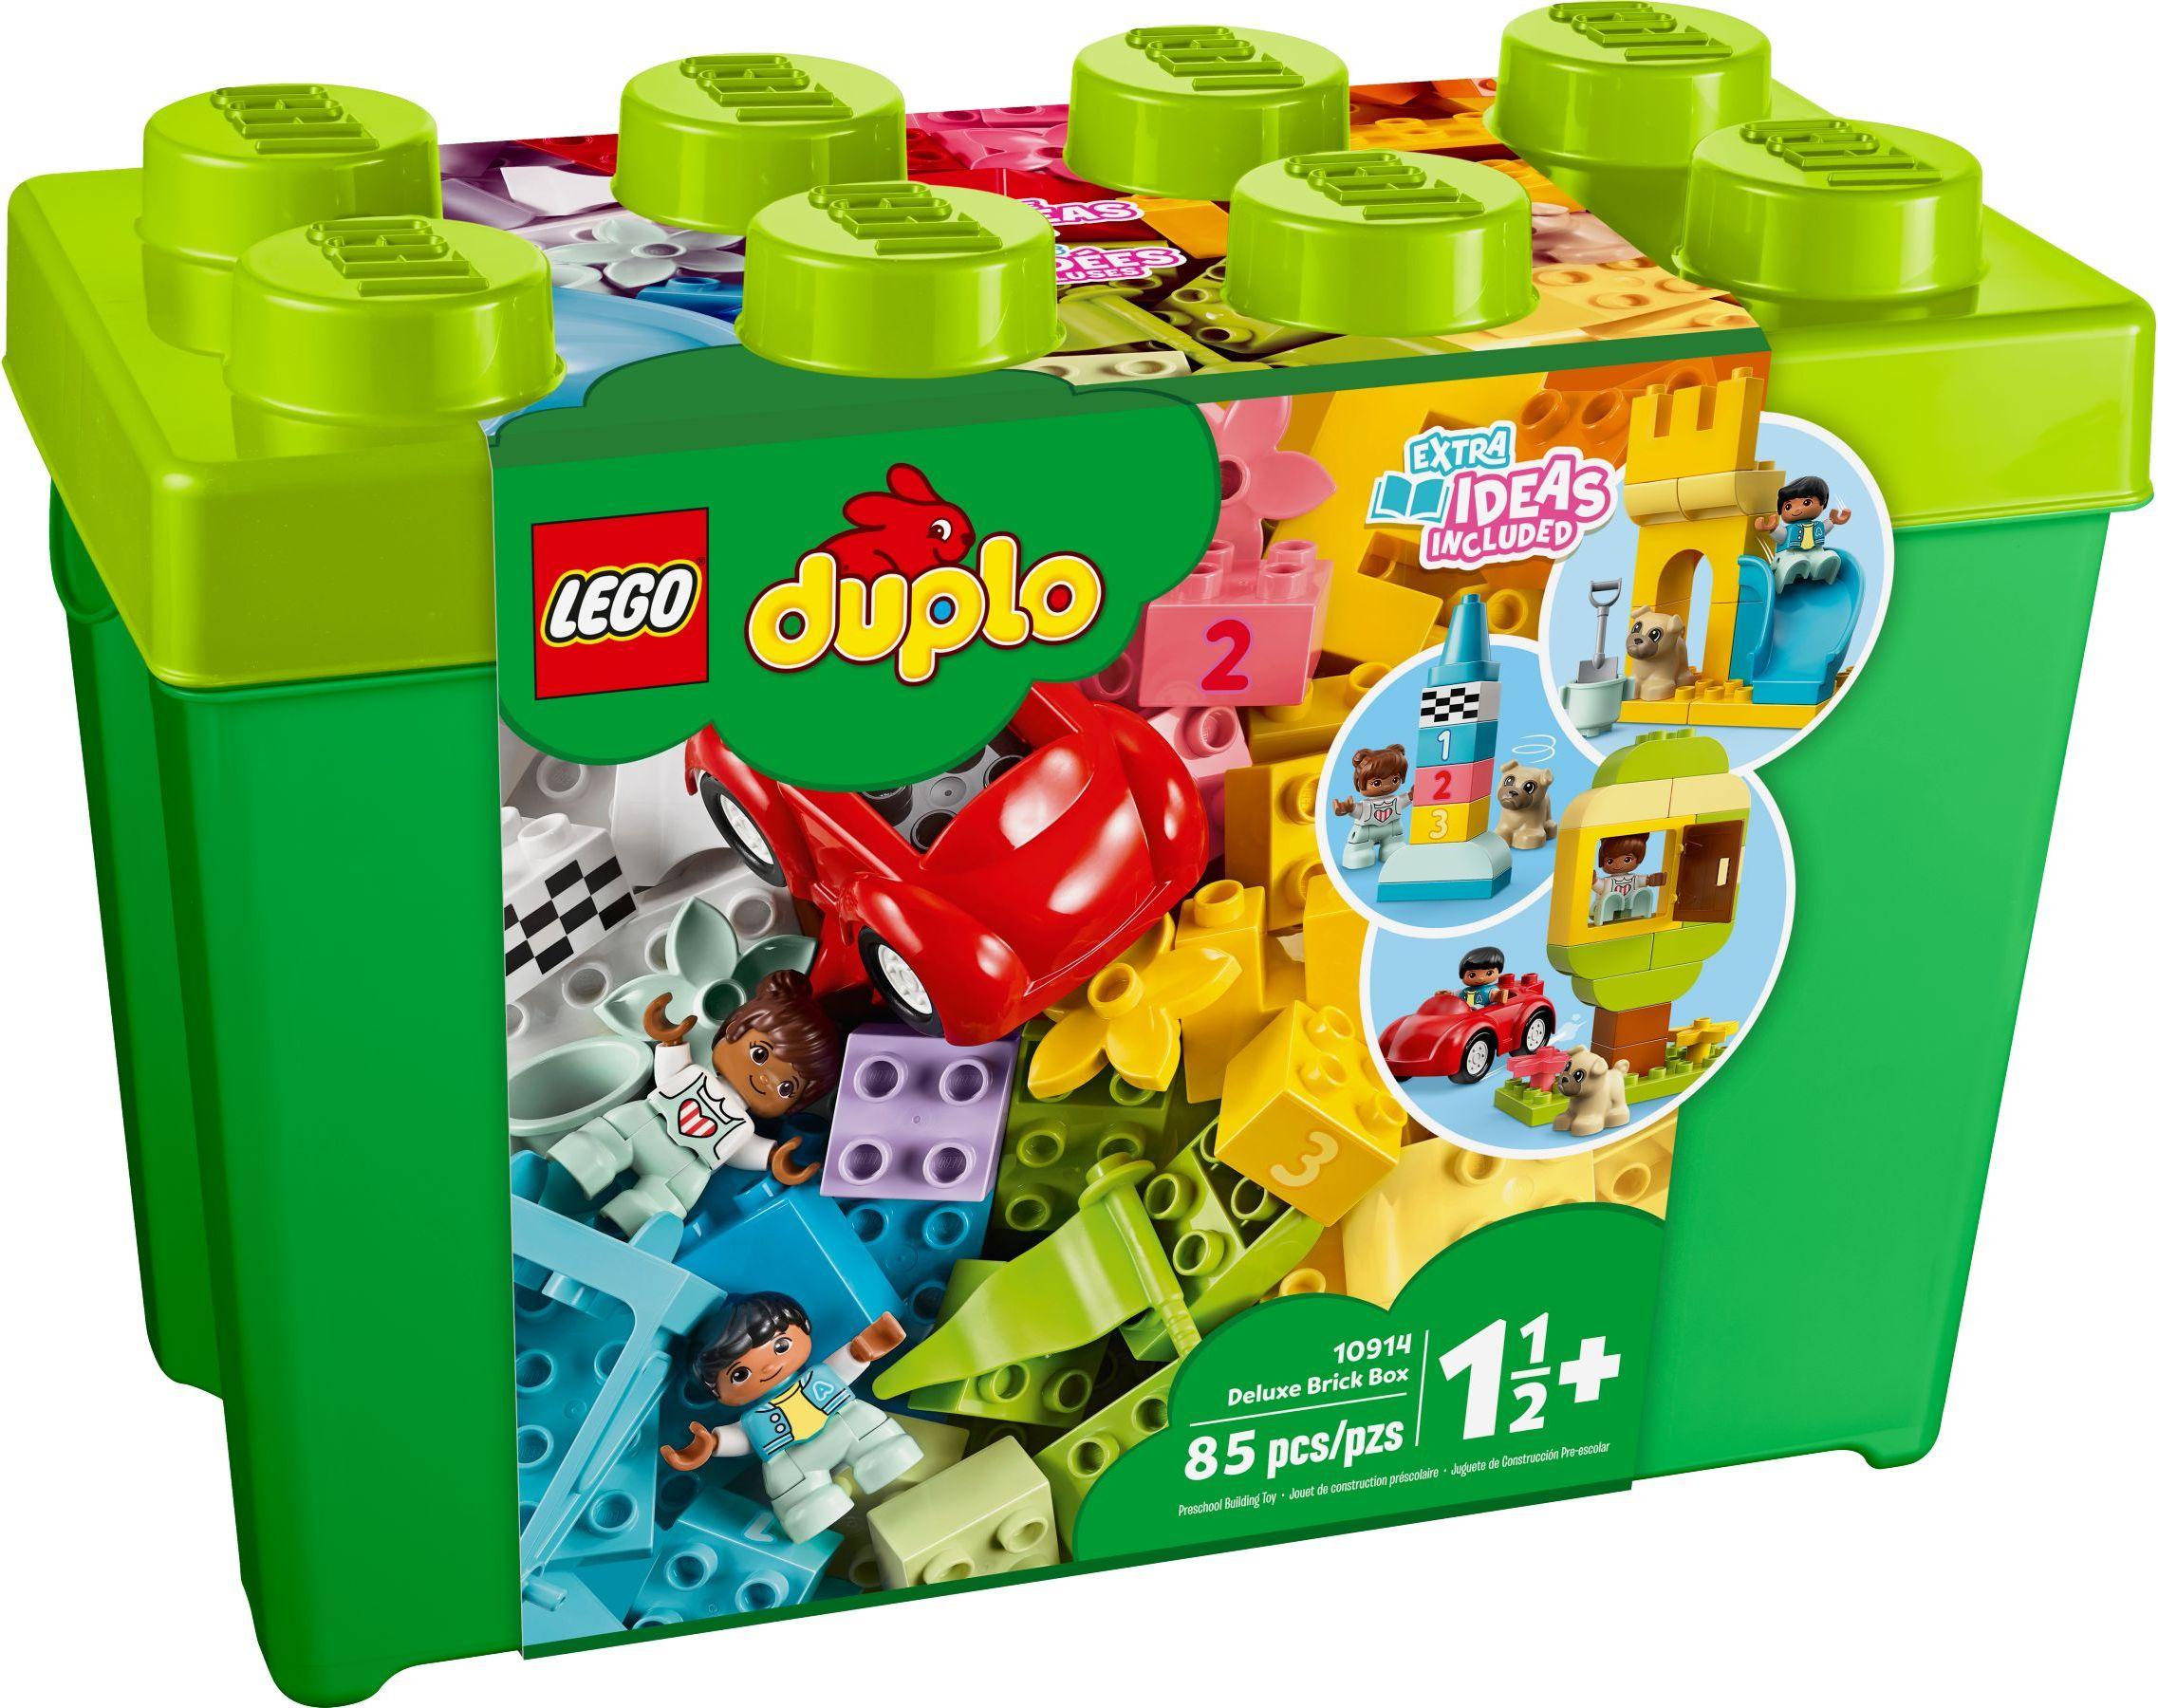 LEGO DUPLO - Deluxe Brick Box (10914)